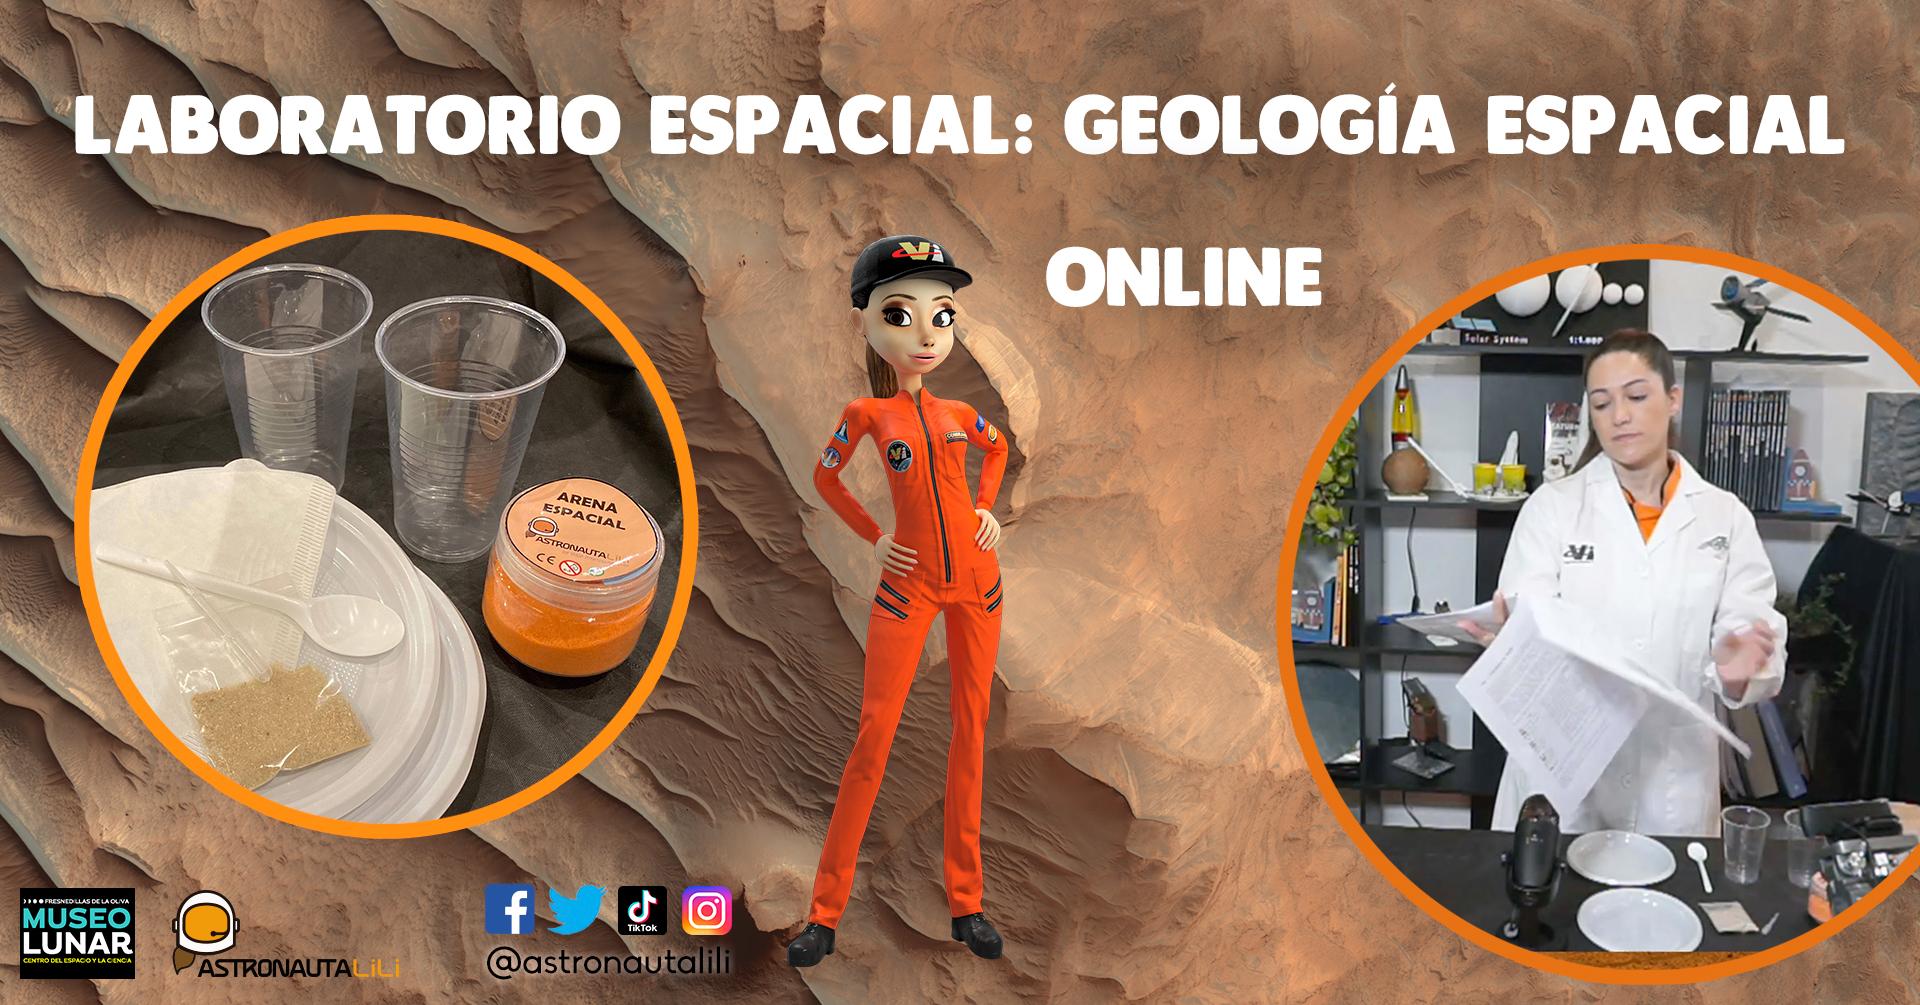 laboratorio_espacial_actividades_STEAM_educación_Online_Astronauta_LiLi